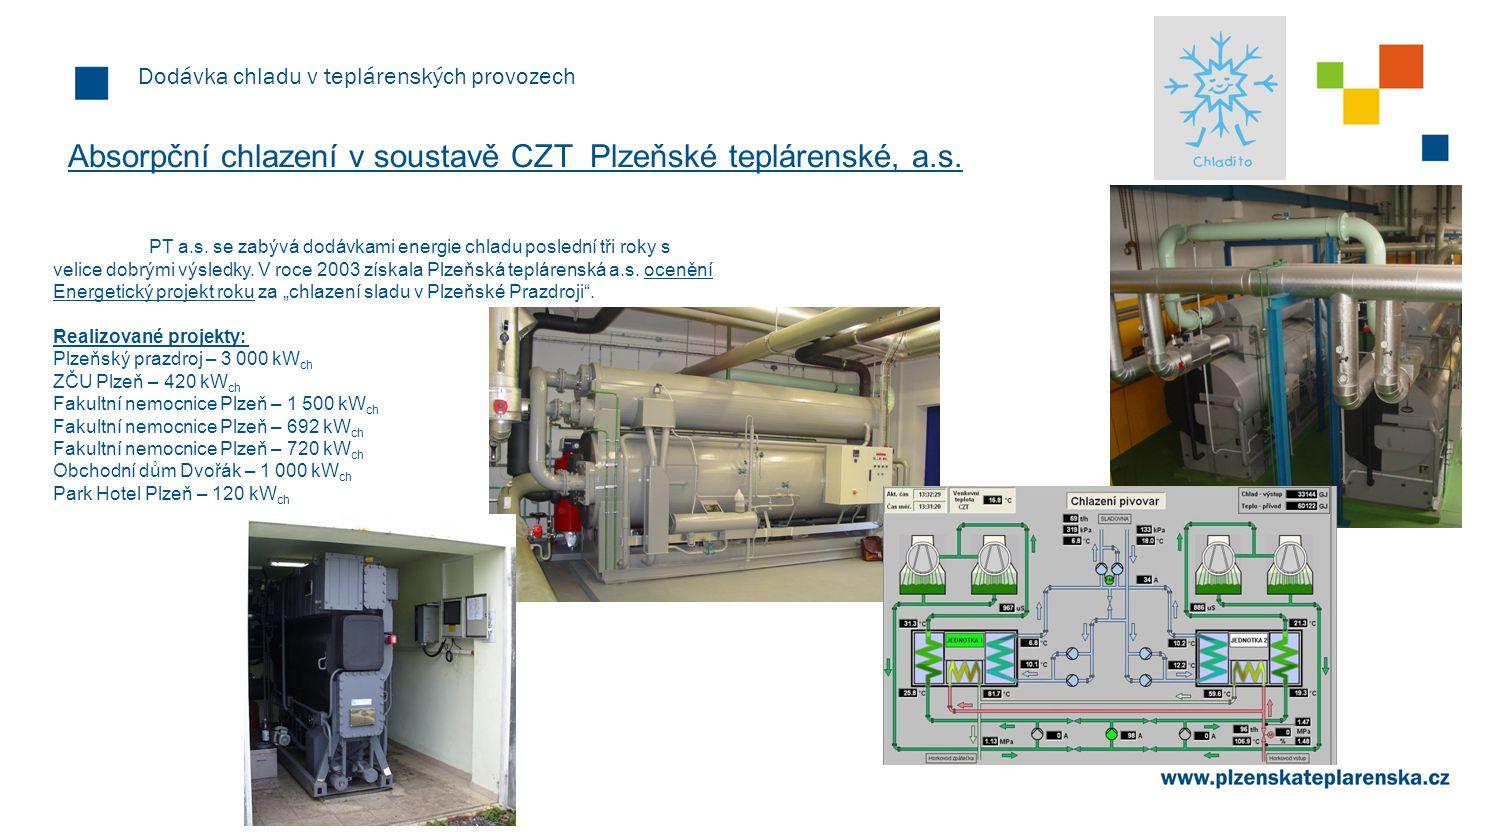 Dodávka chladu v teplárenských provozech Absorpční chlazení v soustavě CZT Plzeňské teplárenské, a.s. PT a.s. se zabývá dodávkami energie chladu posle